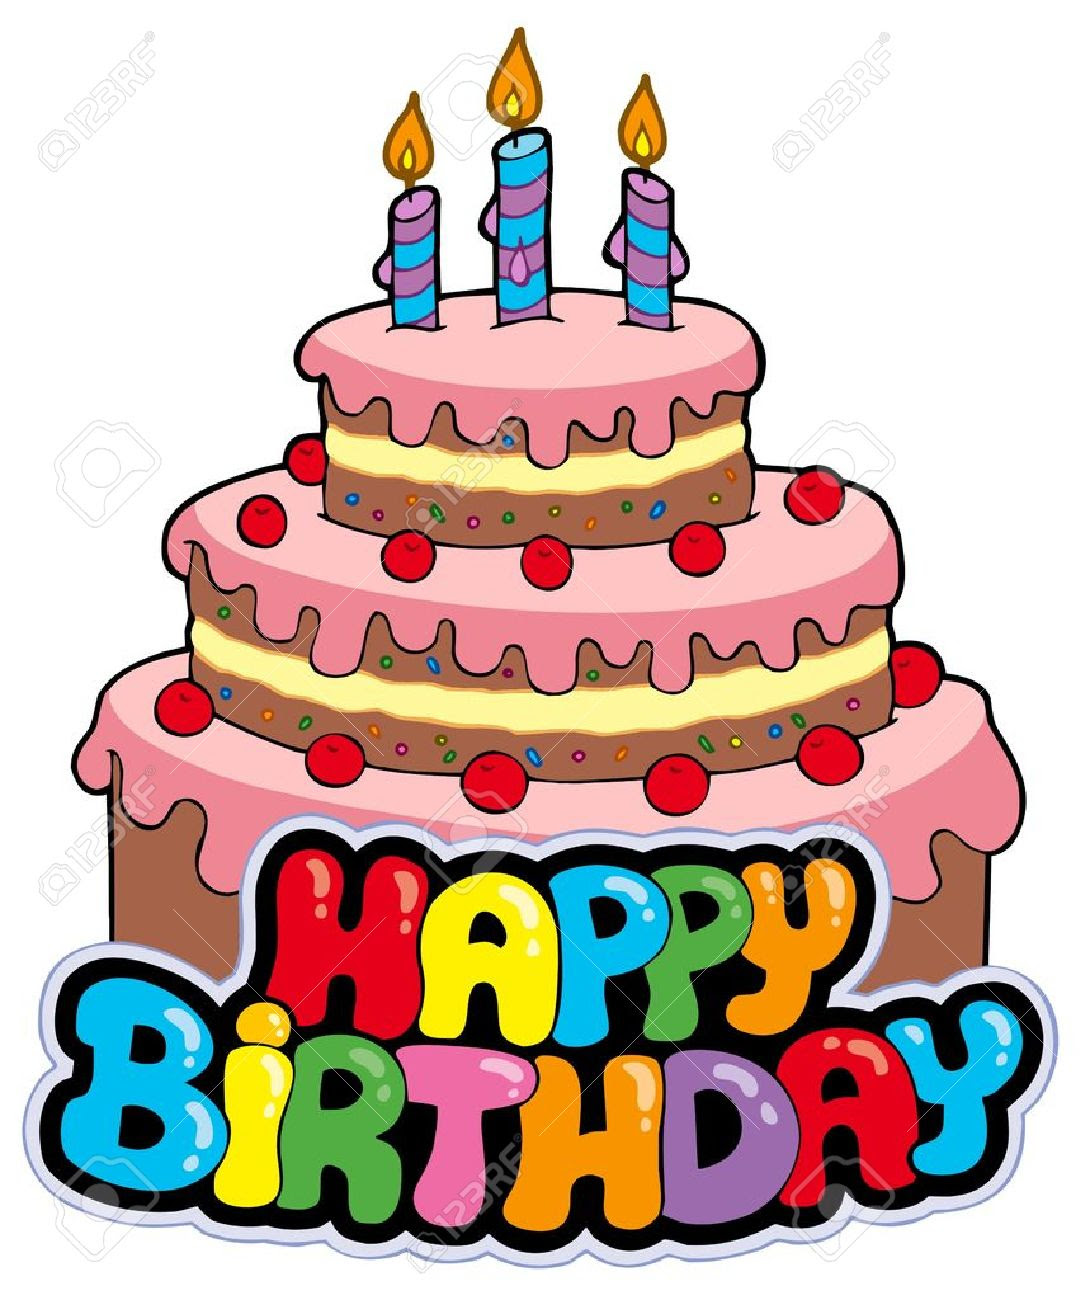 Anniversaire24 dessin gateau anniversaire - Dessin sur gateau anniversaire ...